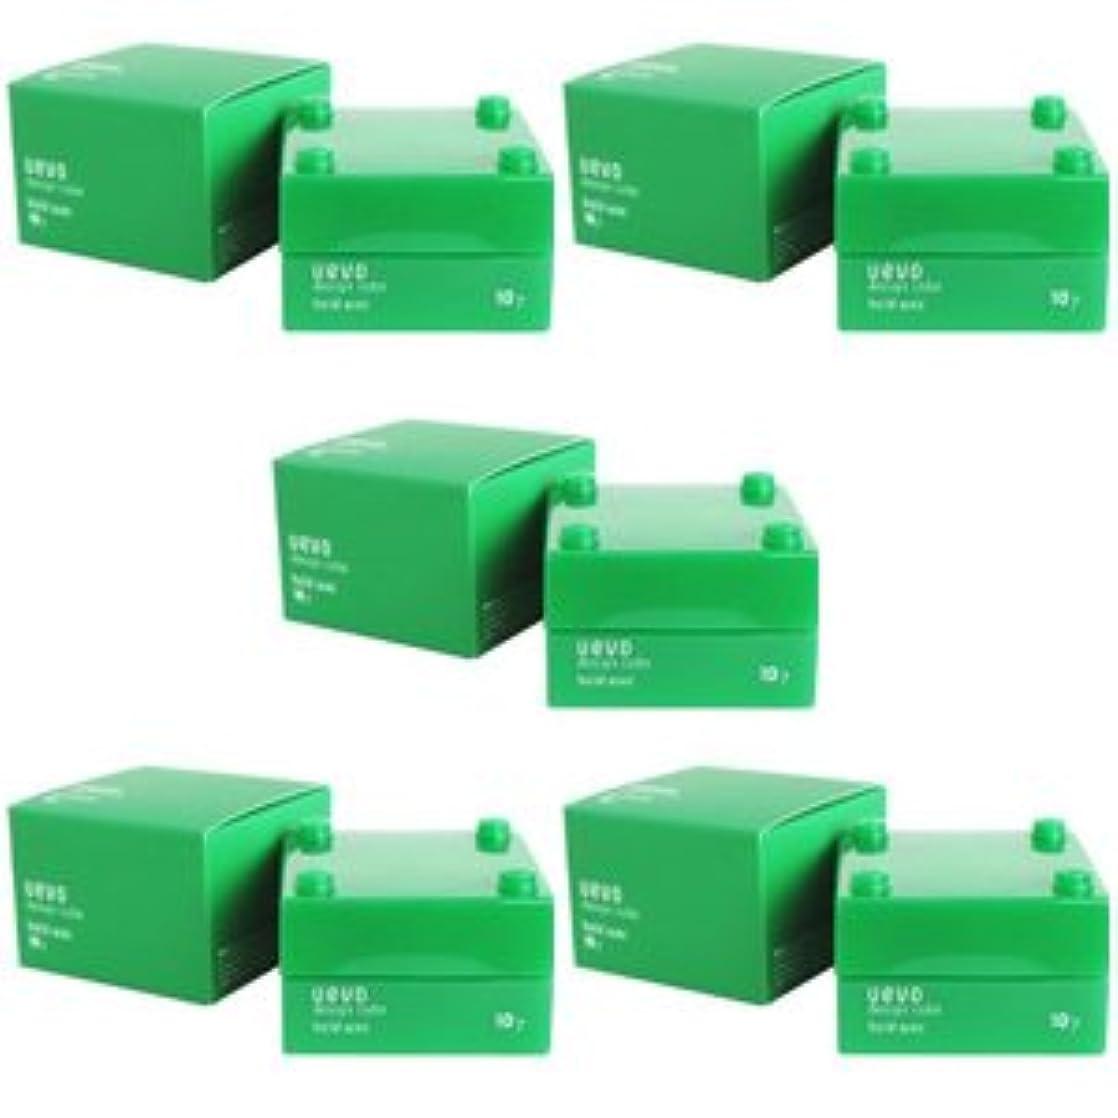 笑候補者銀行【X5個セット】 デミ ウェーボ デザインキューブ ホールドワックス 30g hold wax DEMI uevo design cube